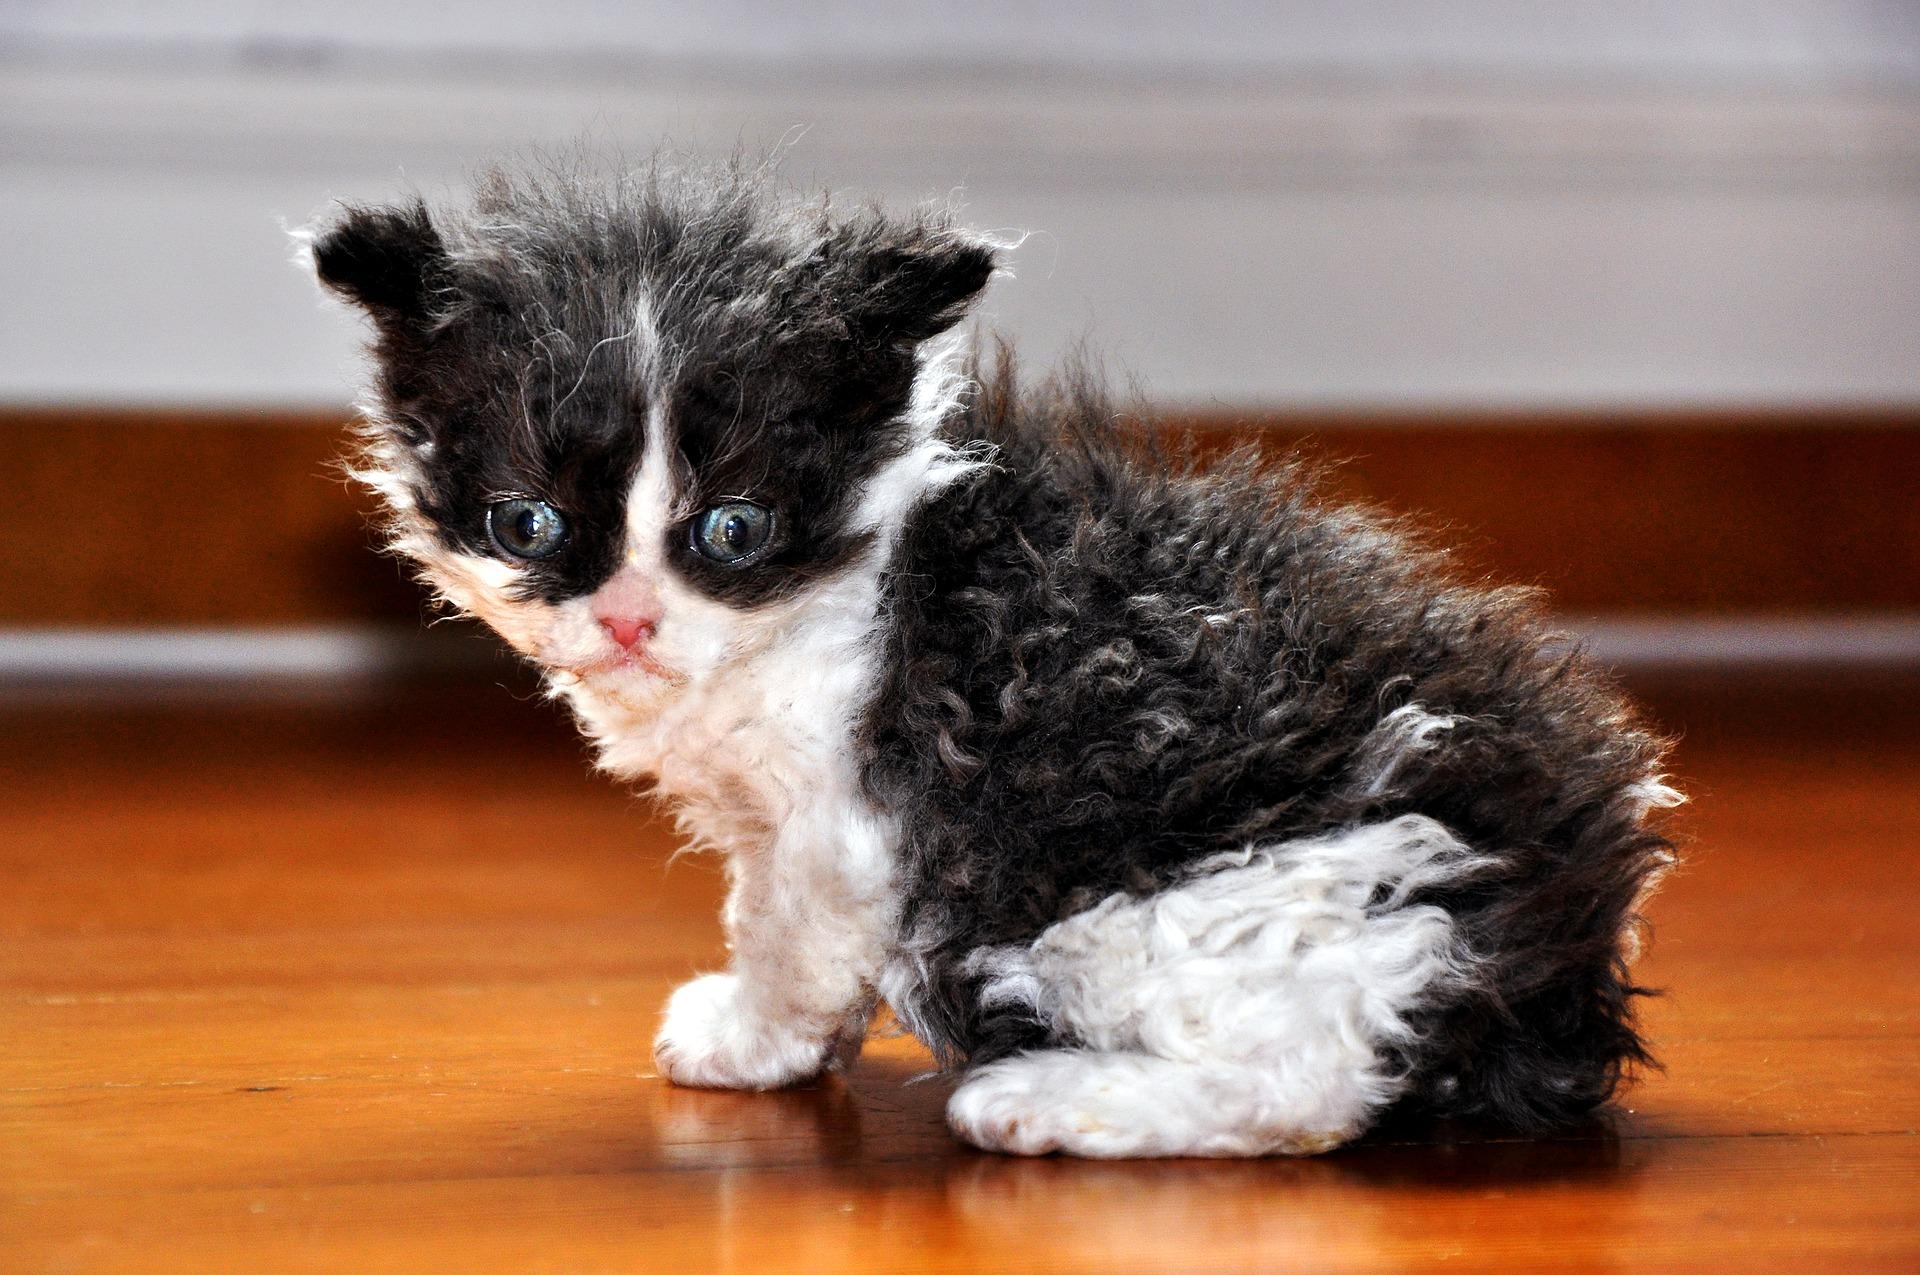 Devon rex jest kotem wesołym, z dużą dawką energii. Lubi aktywnie spędzać czas z opiekunem - dobrze odnajdzie się na spacerach, lubi zabawy w aportowanie czy naukę sztuczek.